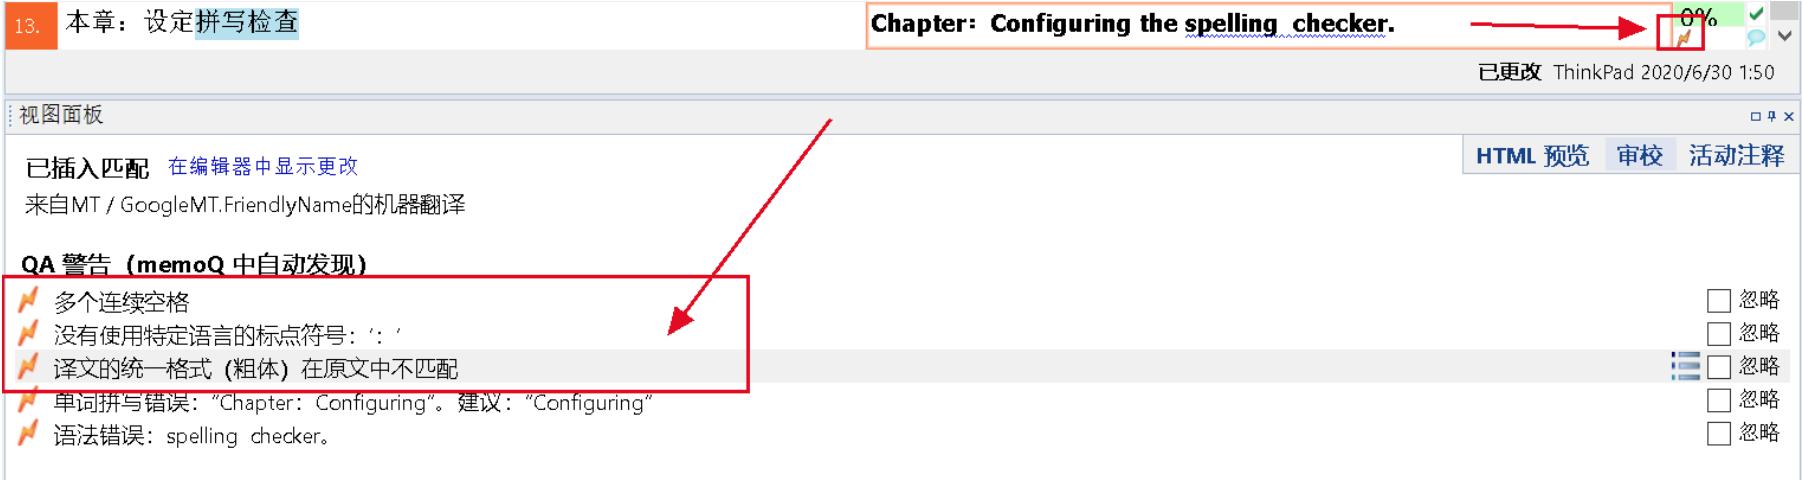 标点、空格、格式不一致或错误